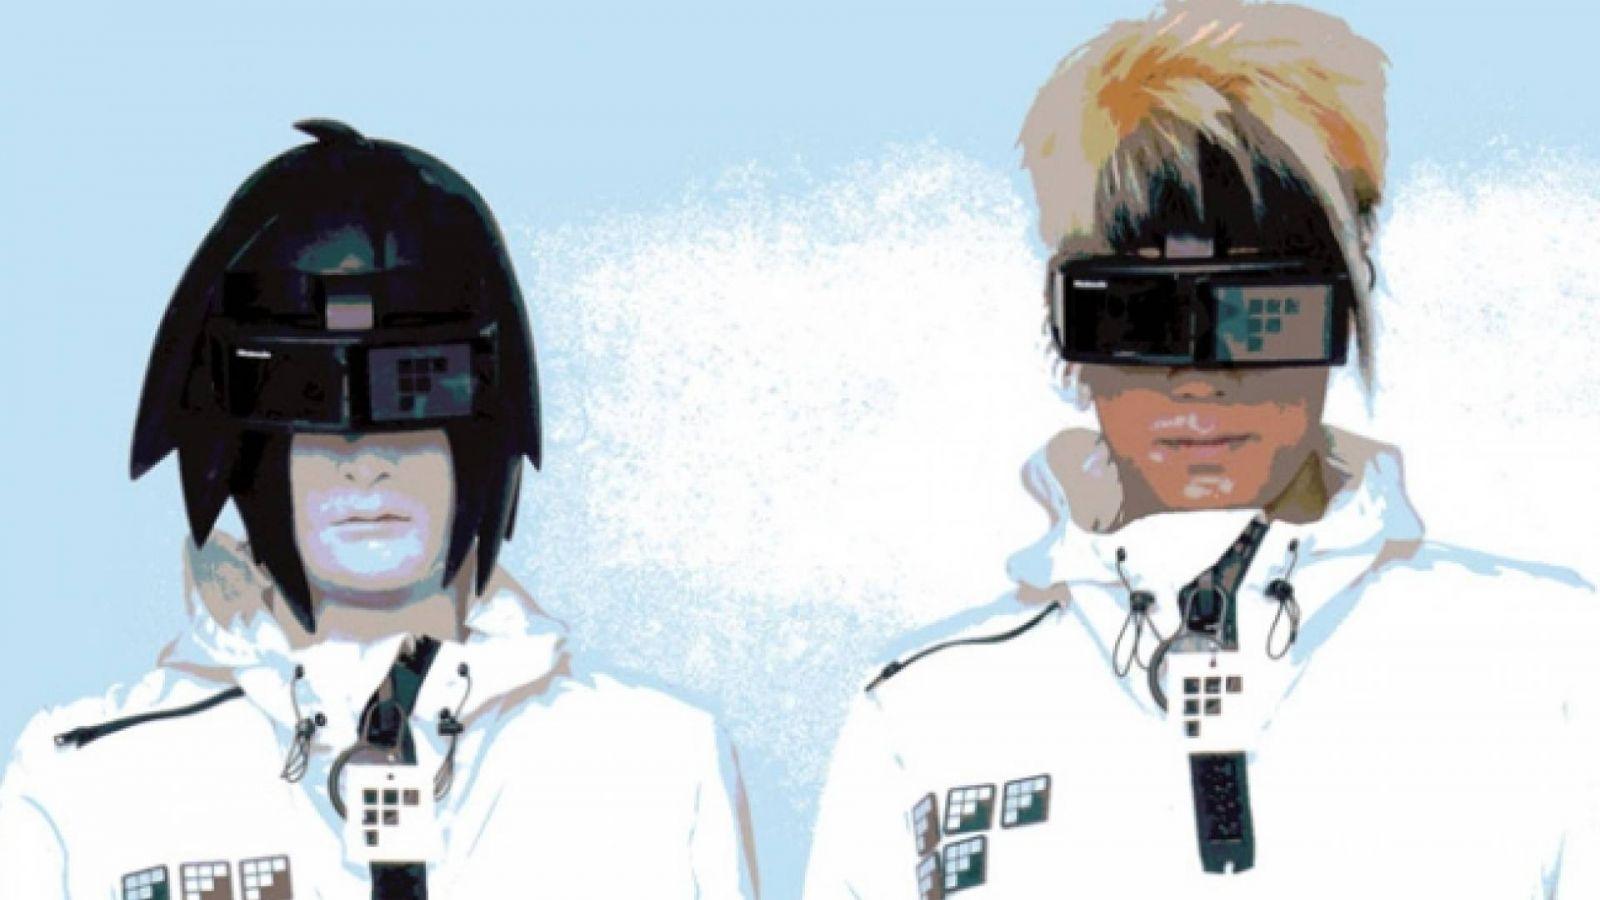 Entrevista com o FLOPPY © FLOPPY/JapanFiles.com